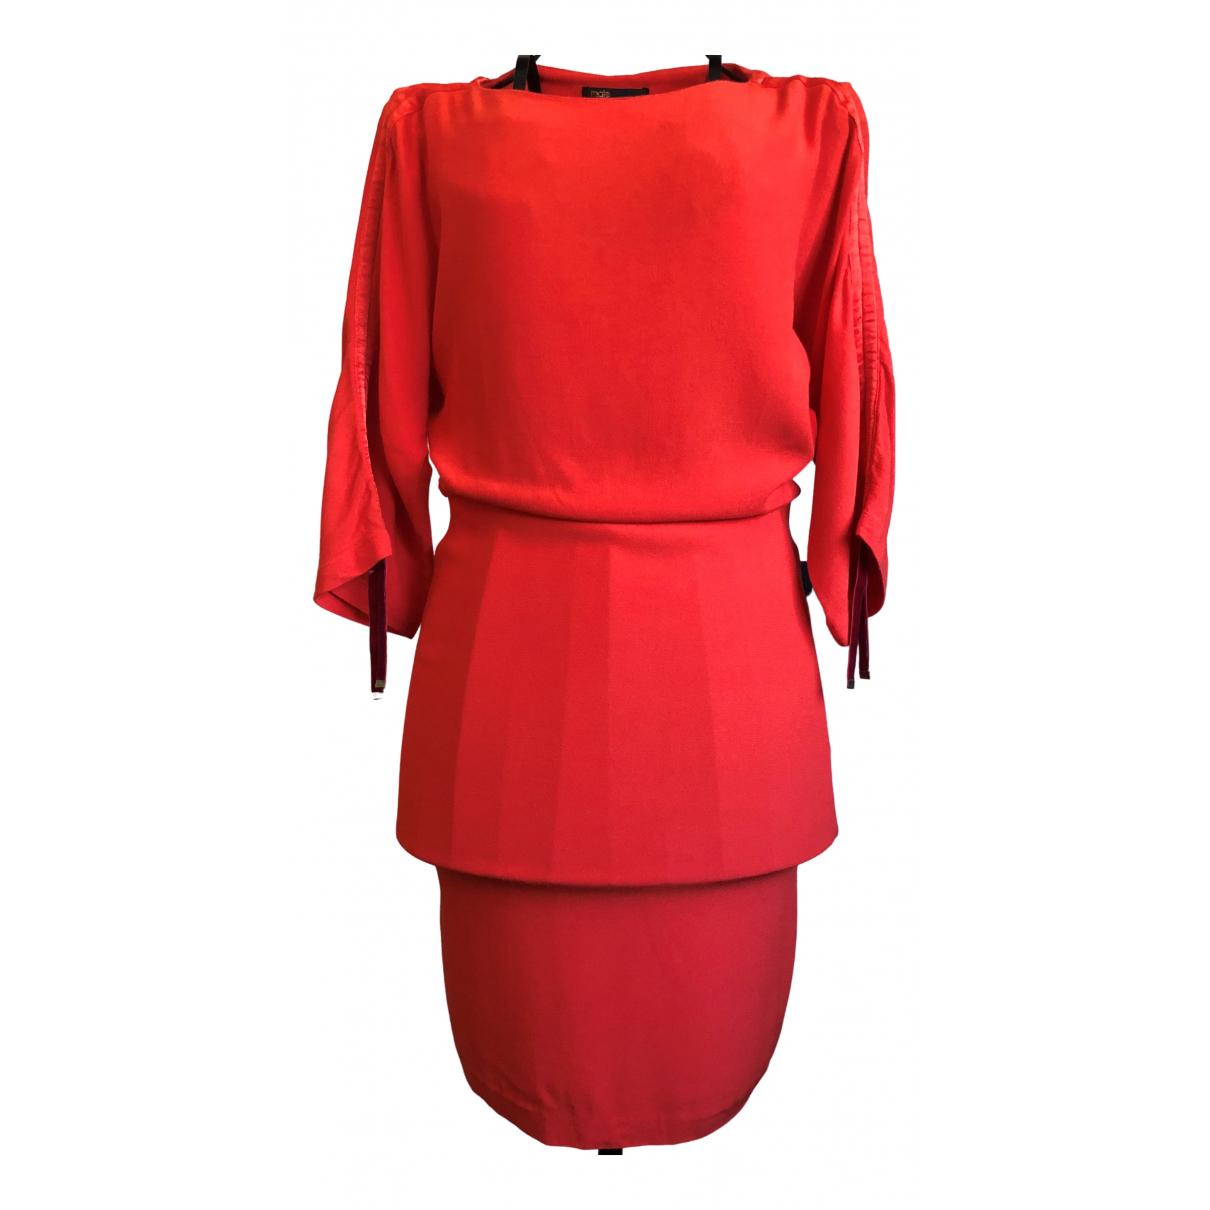 Maje \N Orange dress for Women 2 0-5